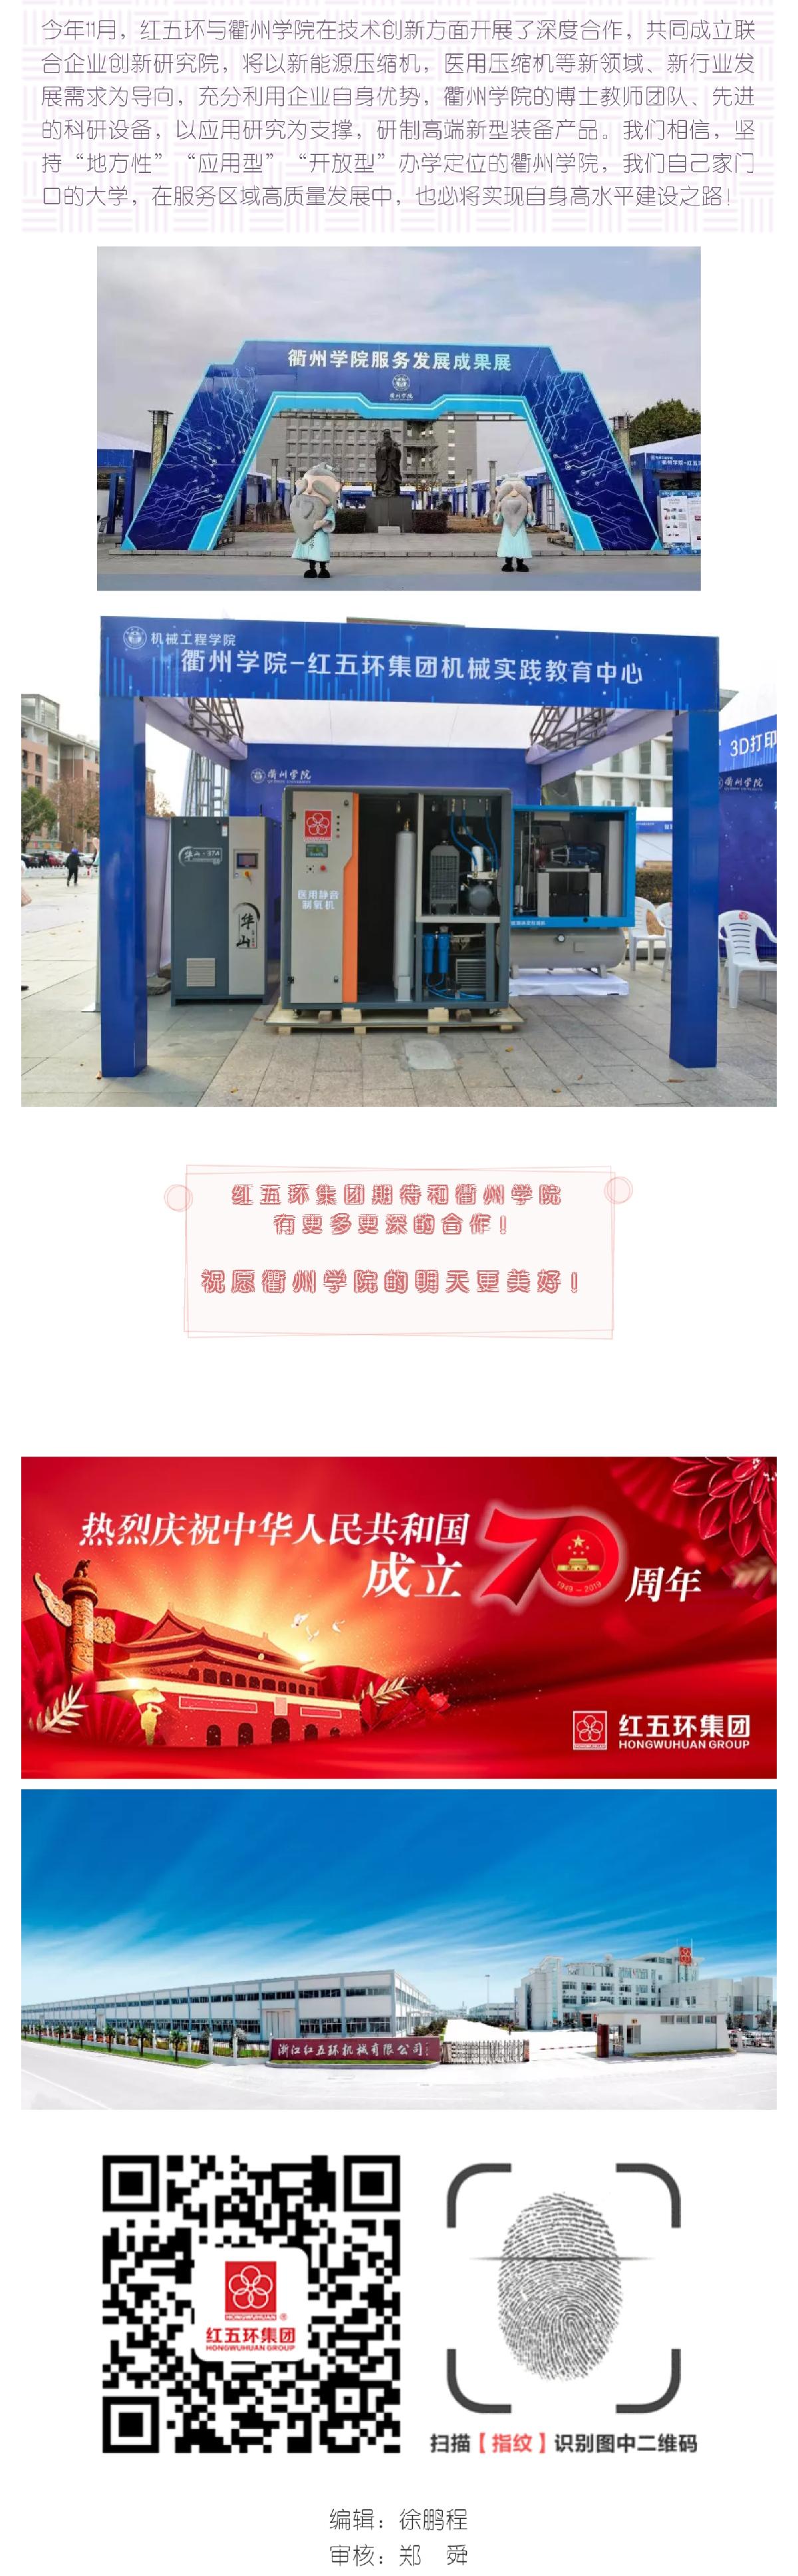 Screenshot_20191220_085134_com.tencent_06